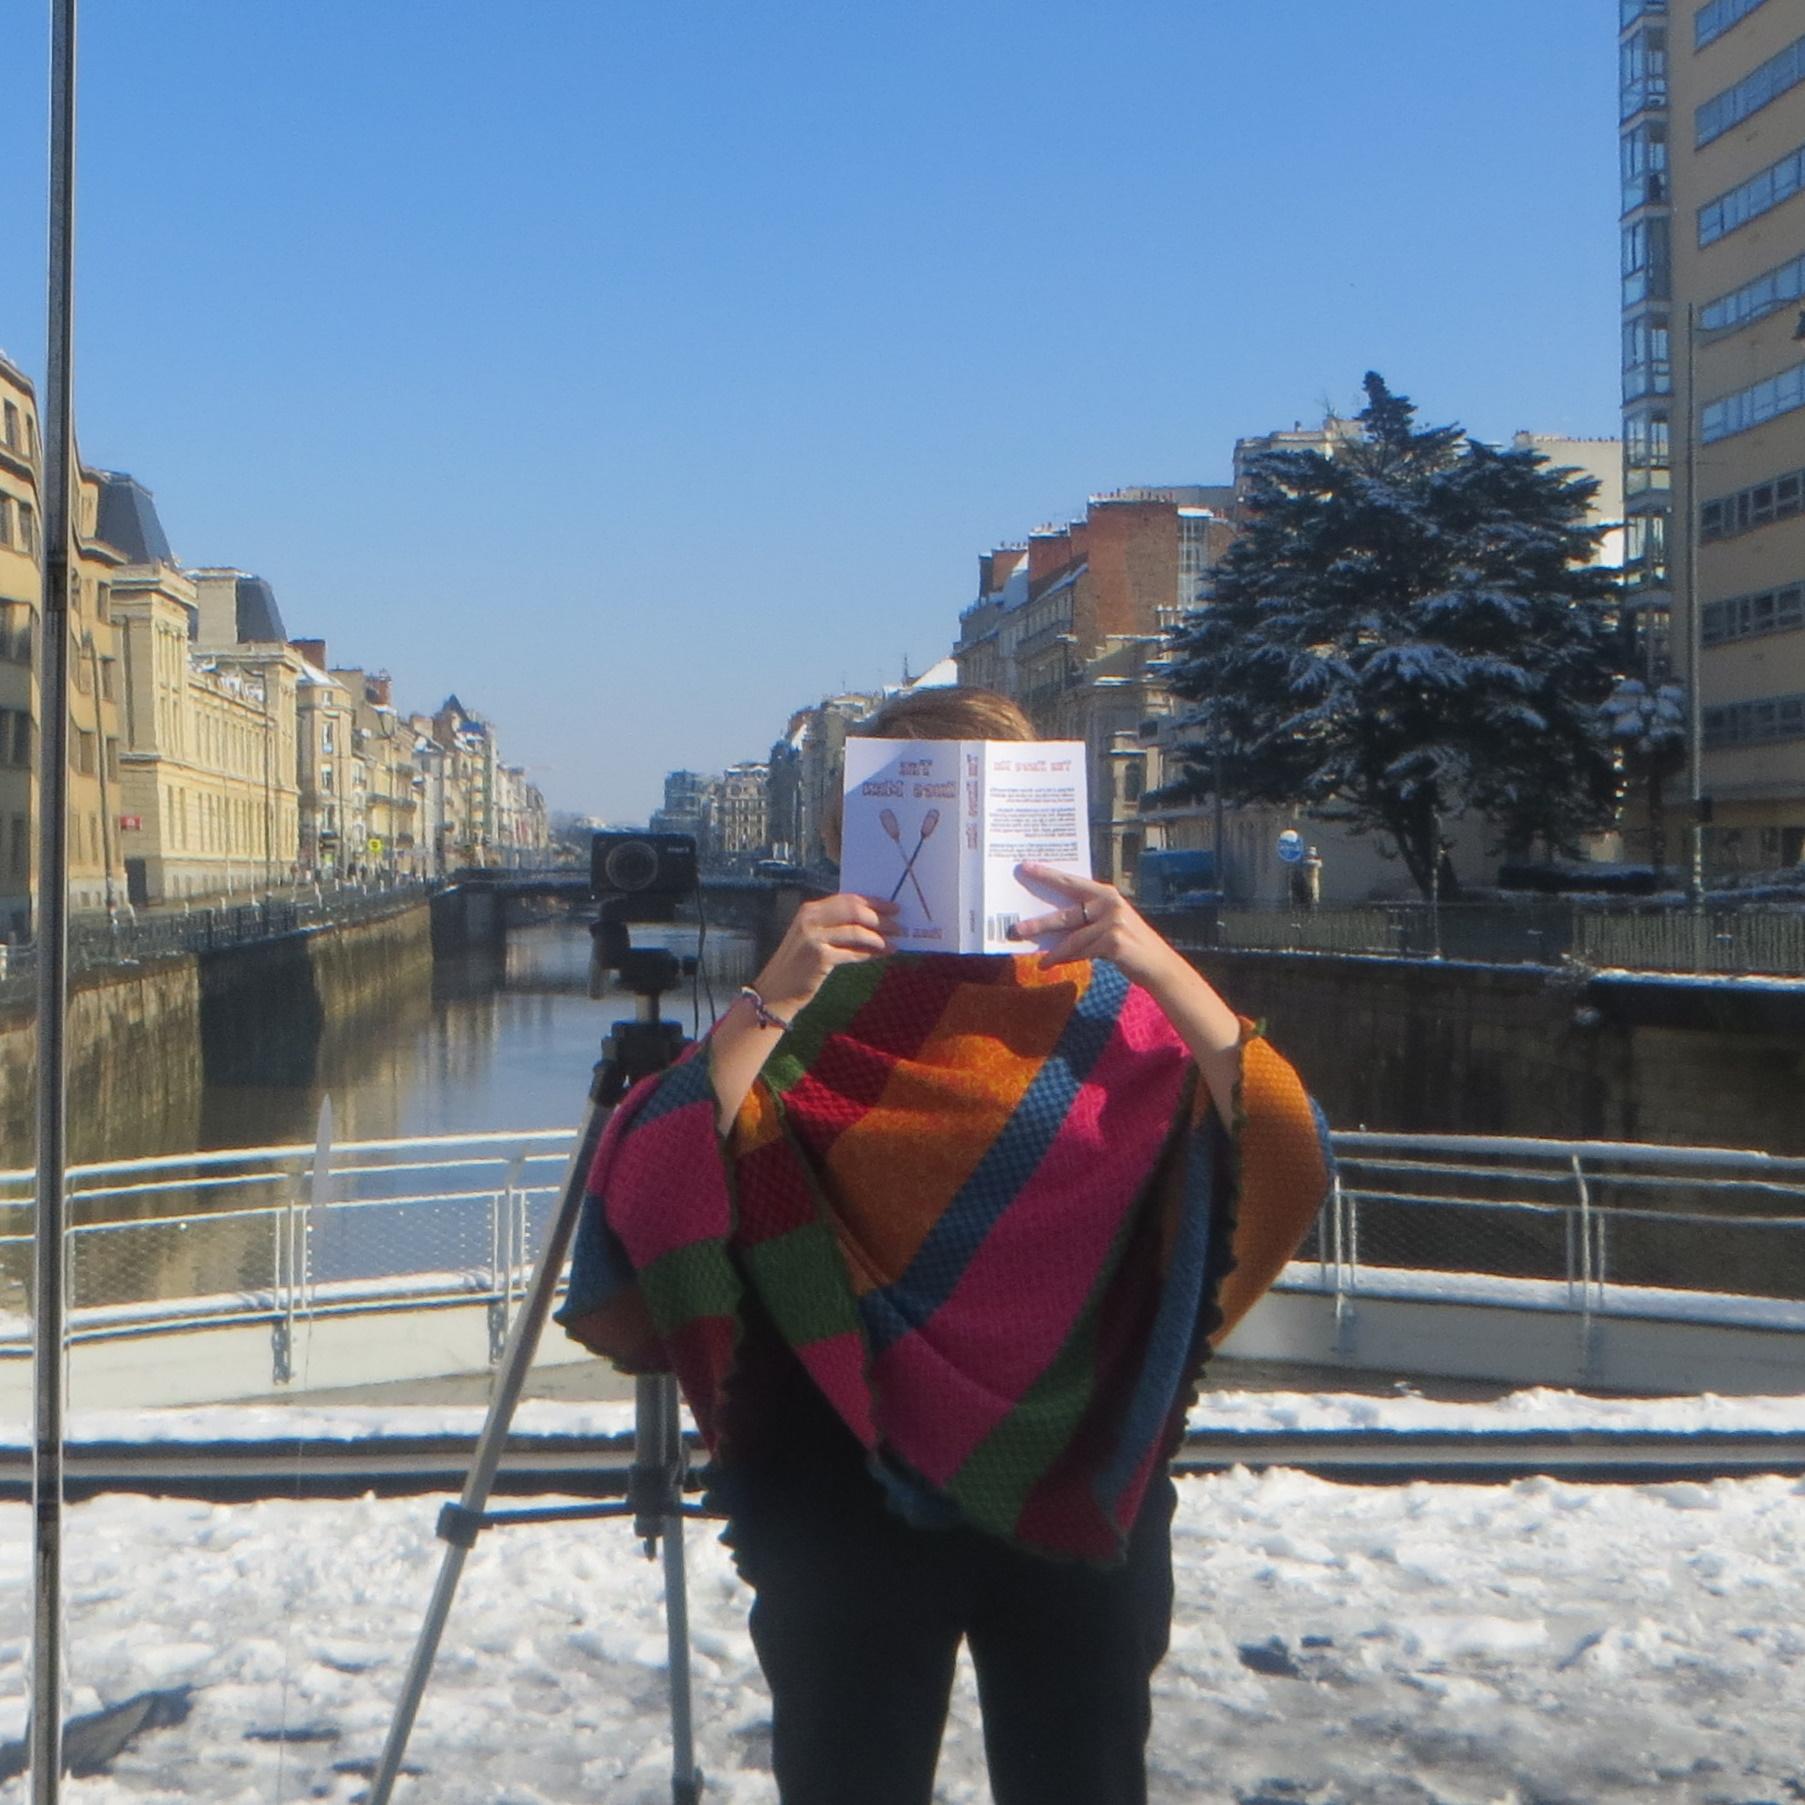 photo prise dans un miroir d'une personne en poncho multicolore lisant All For The Game 3 : The King's Men de Nora Sakavic devant un fleuve aux berges enneigées